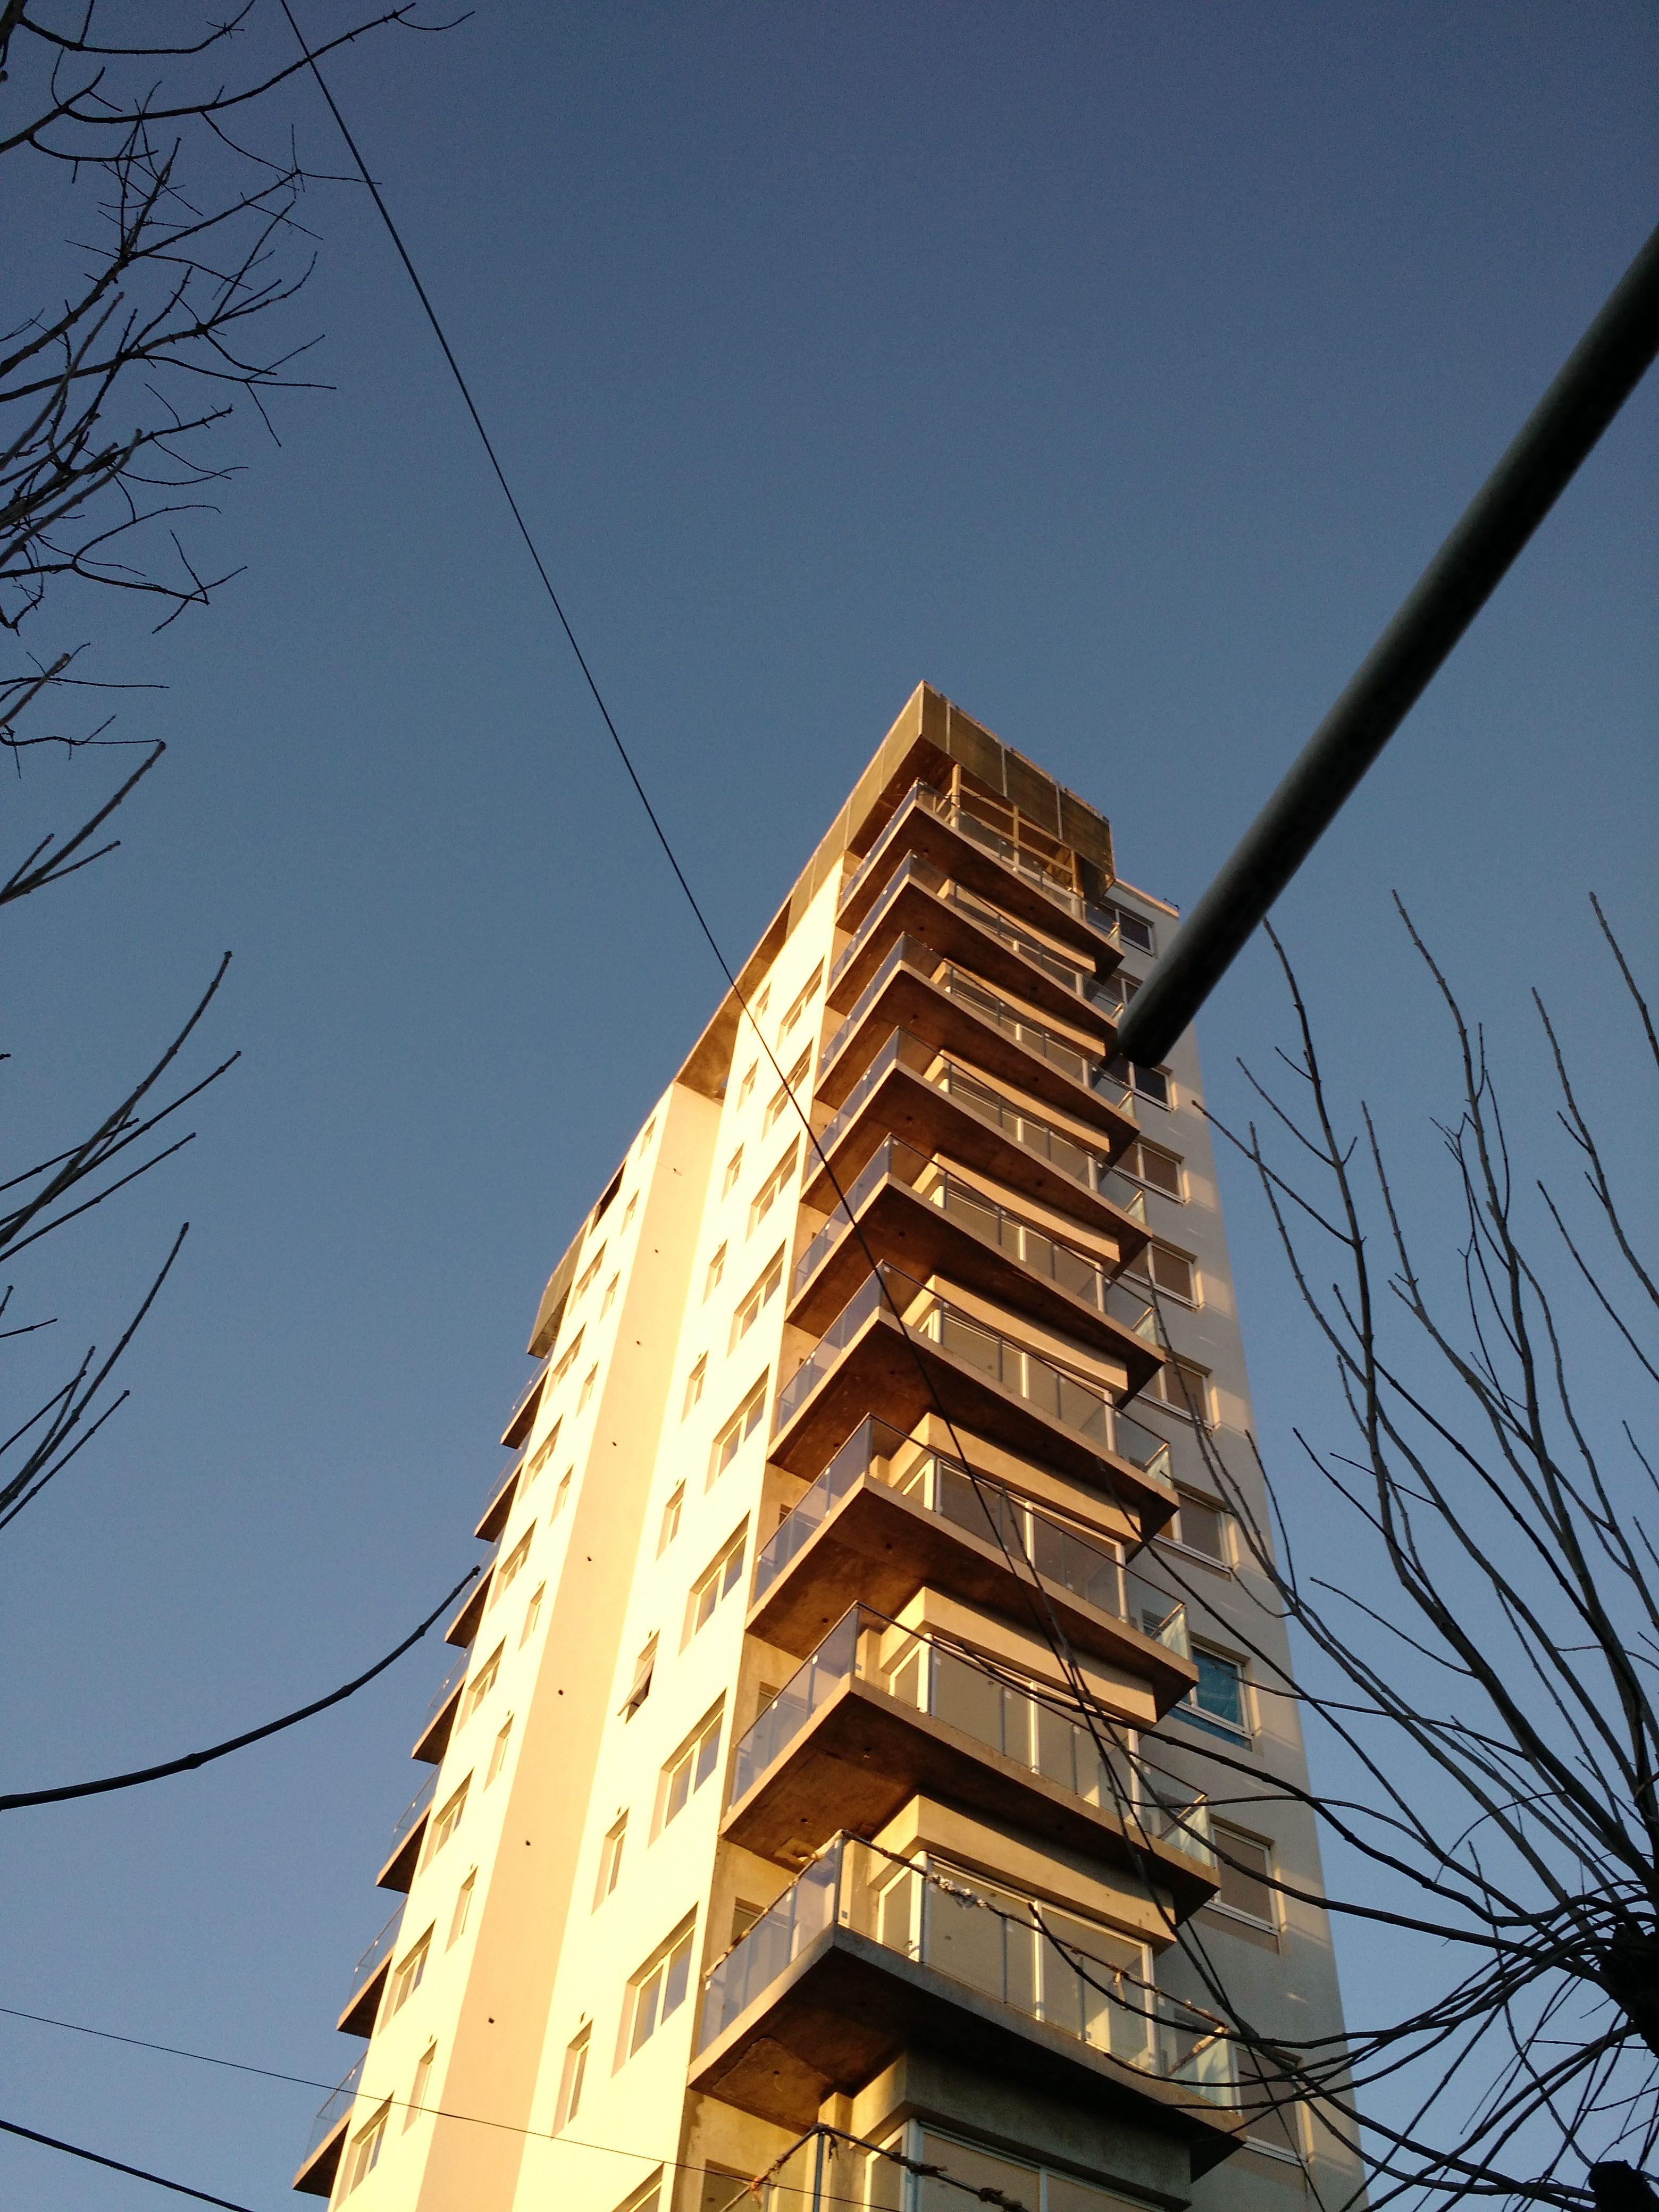 Barandas de Acero y Vidrio laminado, Frente y contrafrente, 12 pisos ...